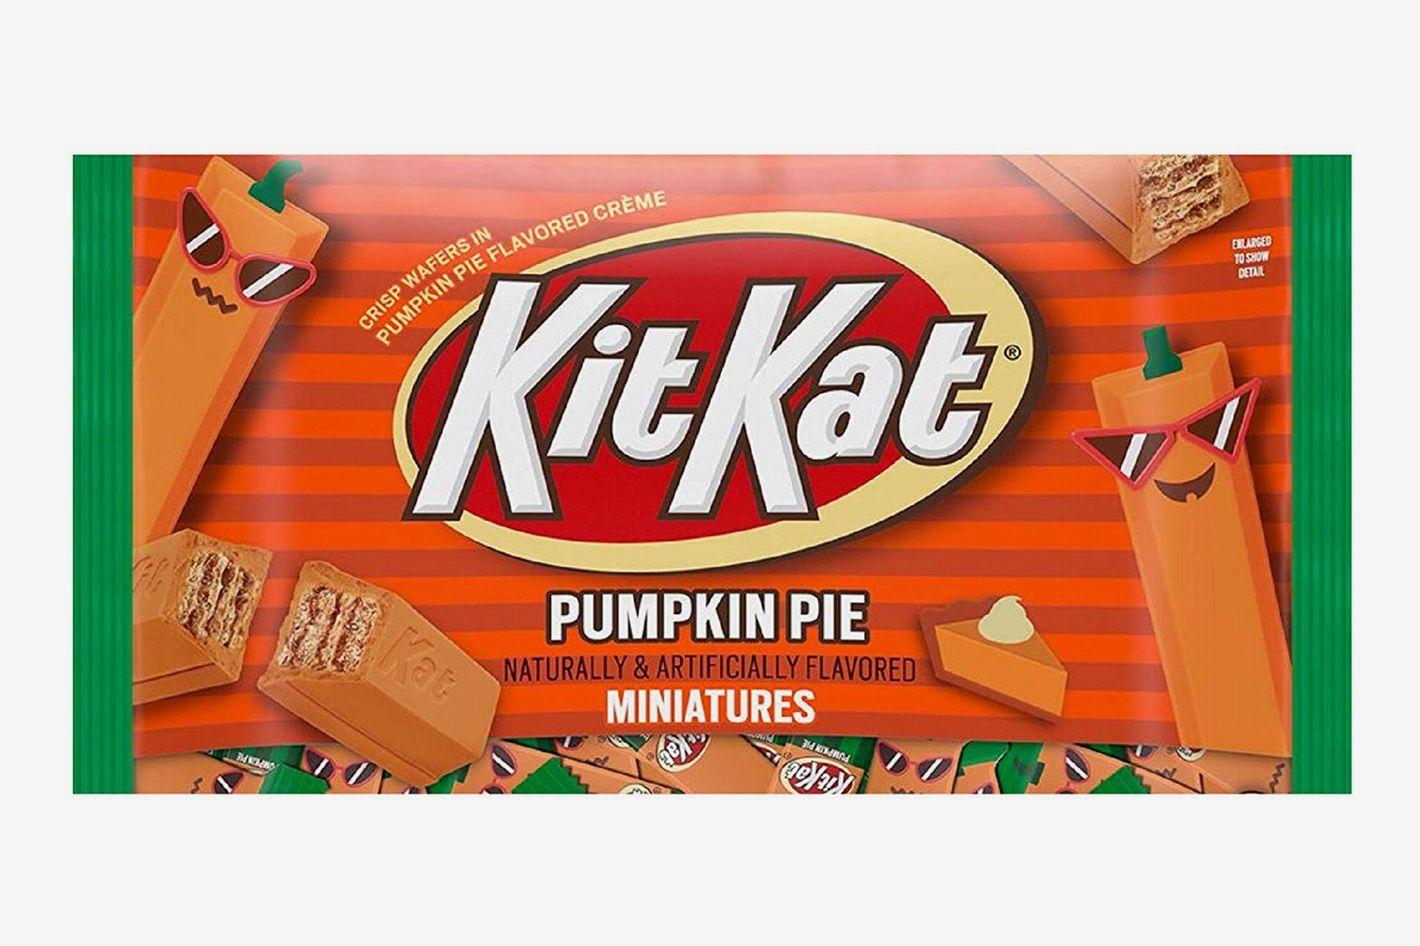 Kit Kat Pumpkin Pie Miniatures